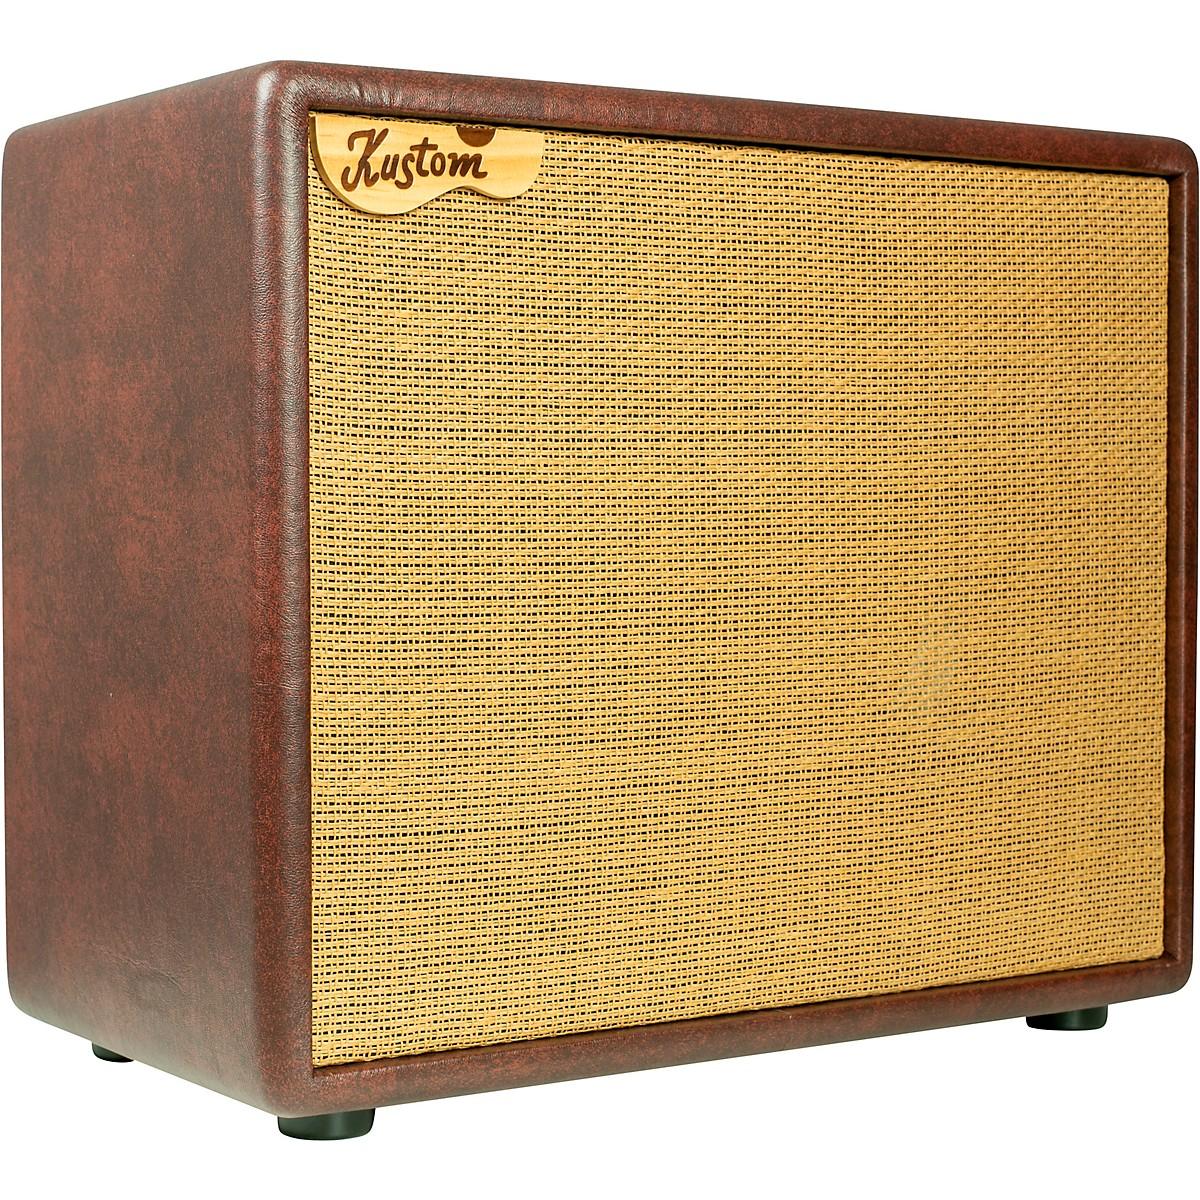 Kustom Sienna Pro 30 30W 1x10 Acoustic Combo Amplifier